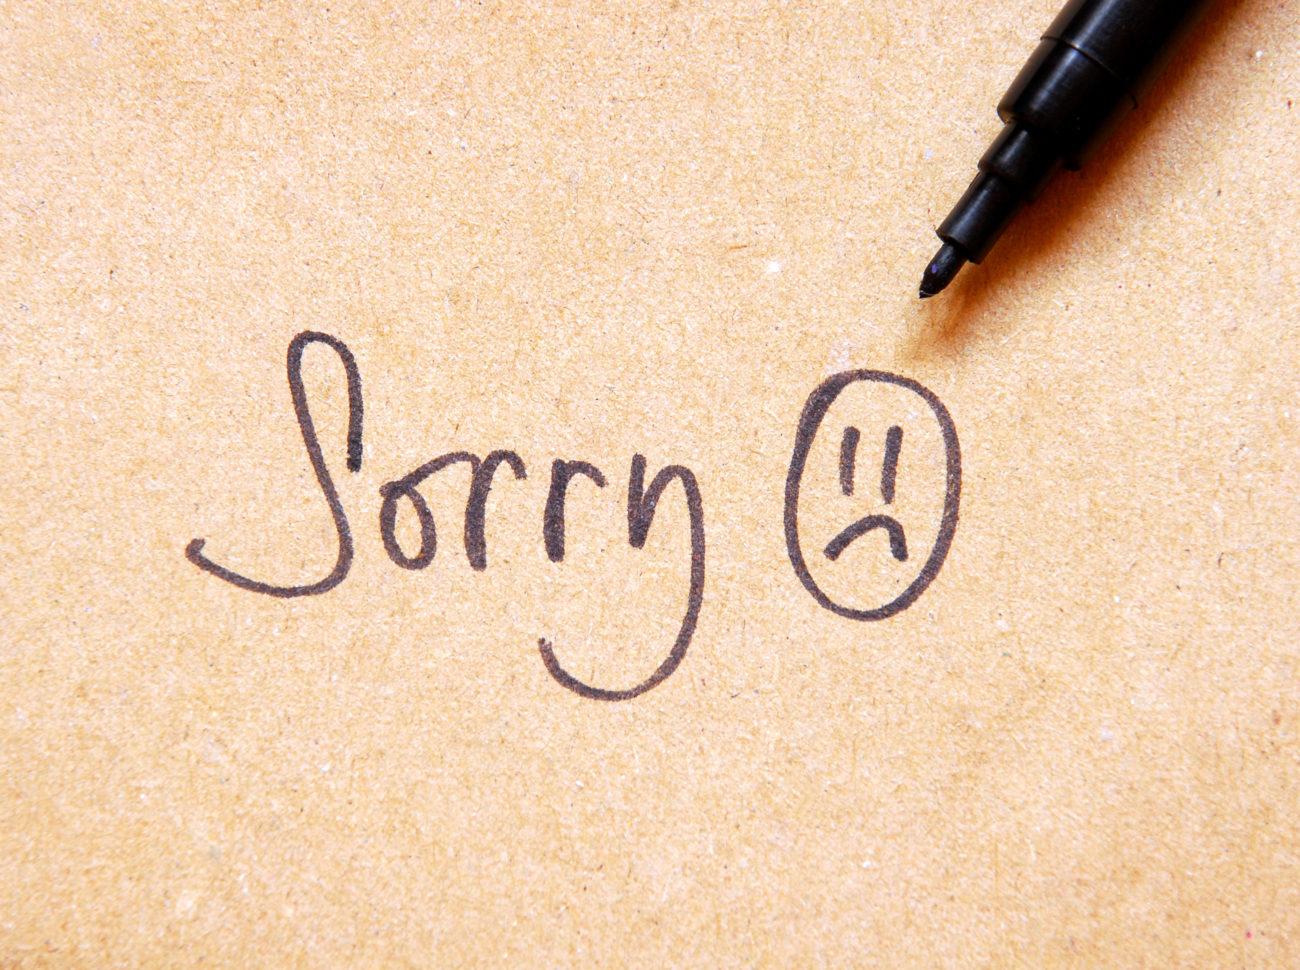 wie kann ich mich bei ihm entschuldigen